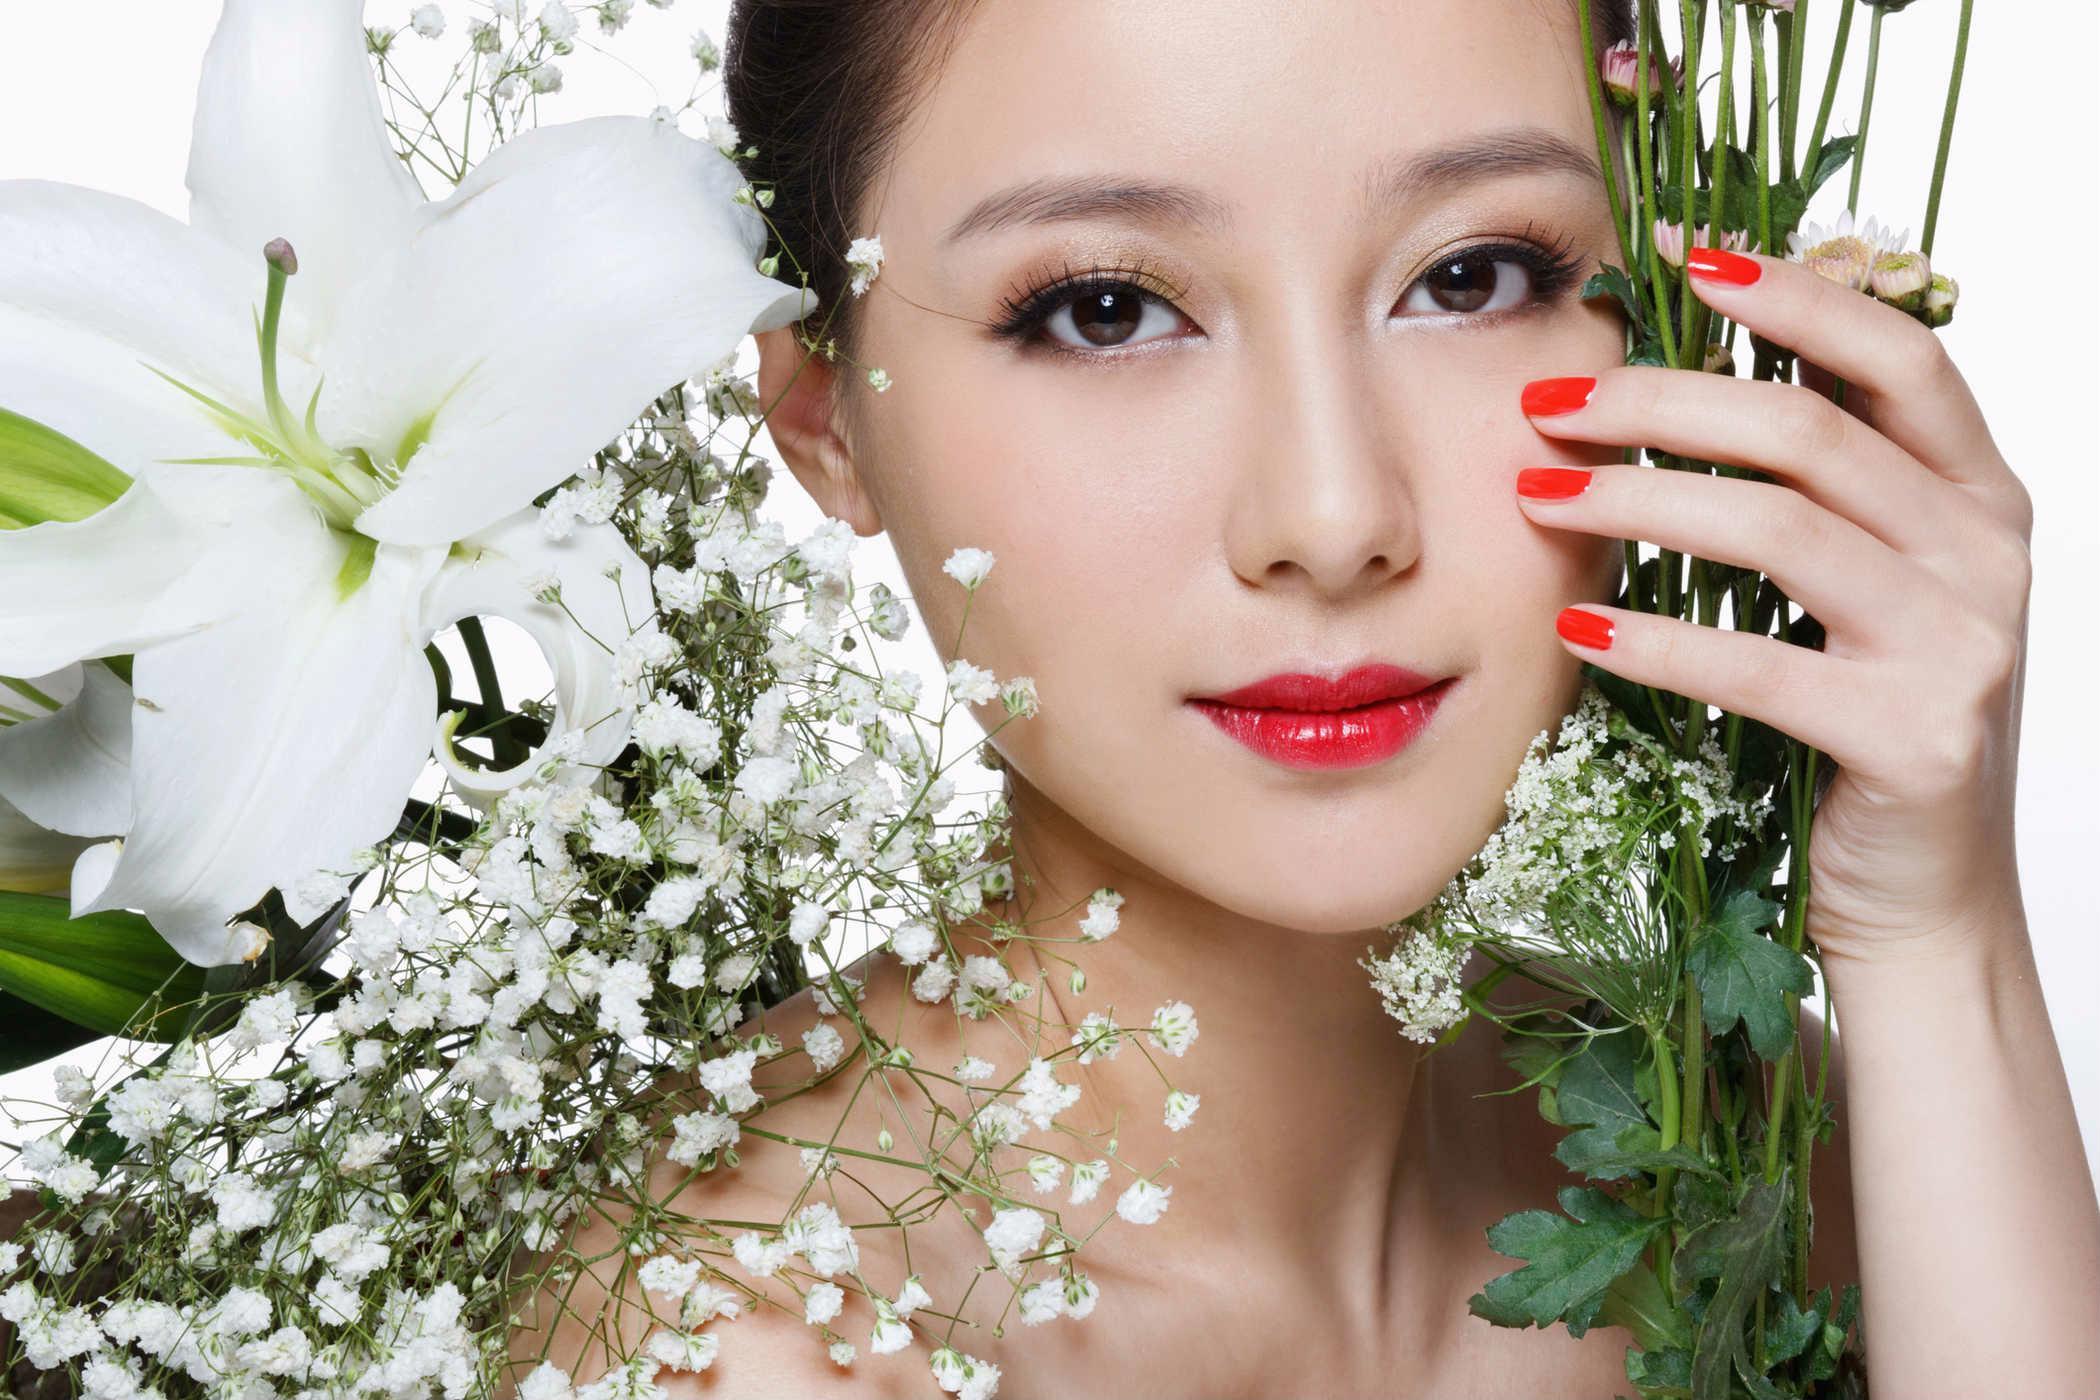 Không phải son phấn, phụ nữ đẹp được người đời ca tụng nhờ có những đặc điểm này - Ảnh 1